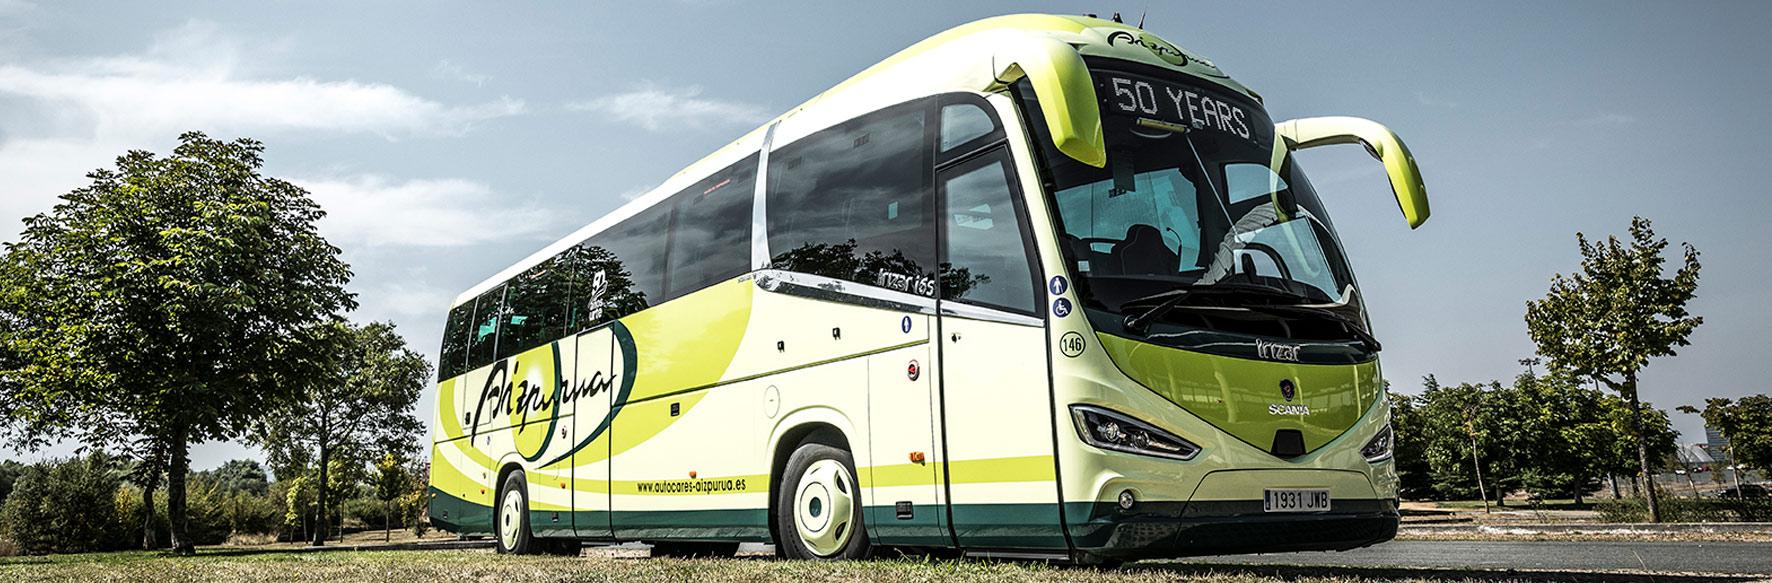 aizpurua-autobusak-flota-50-60